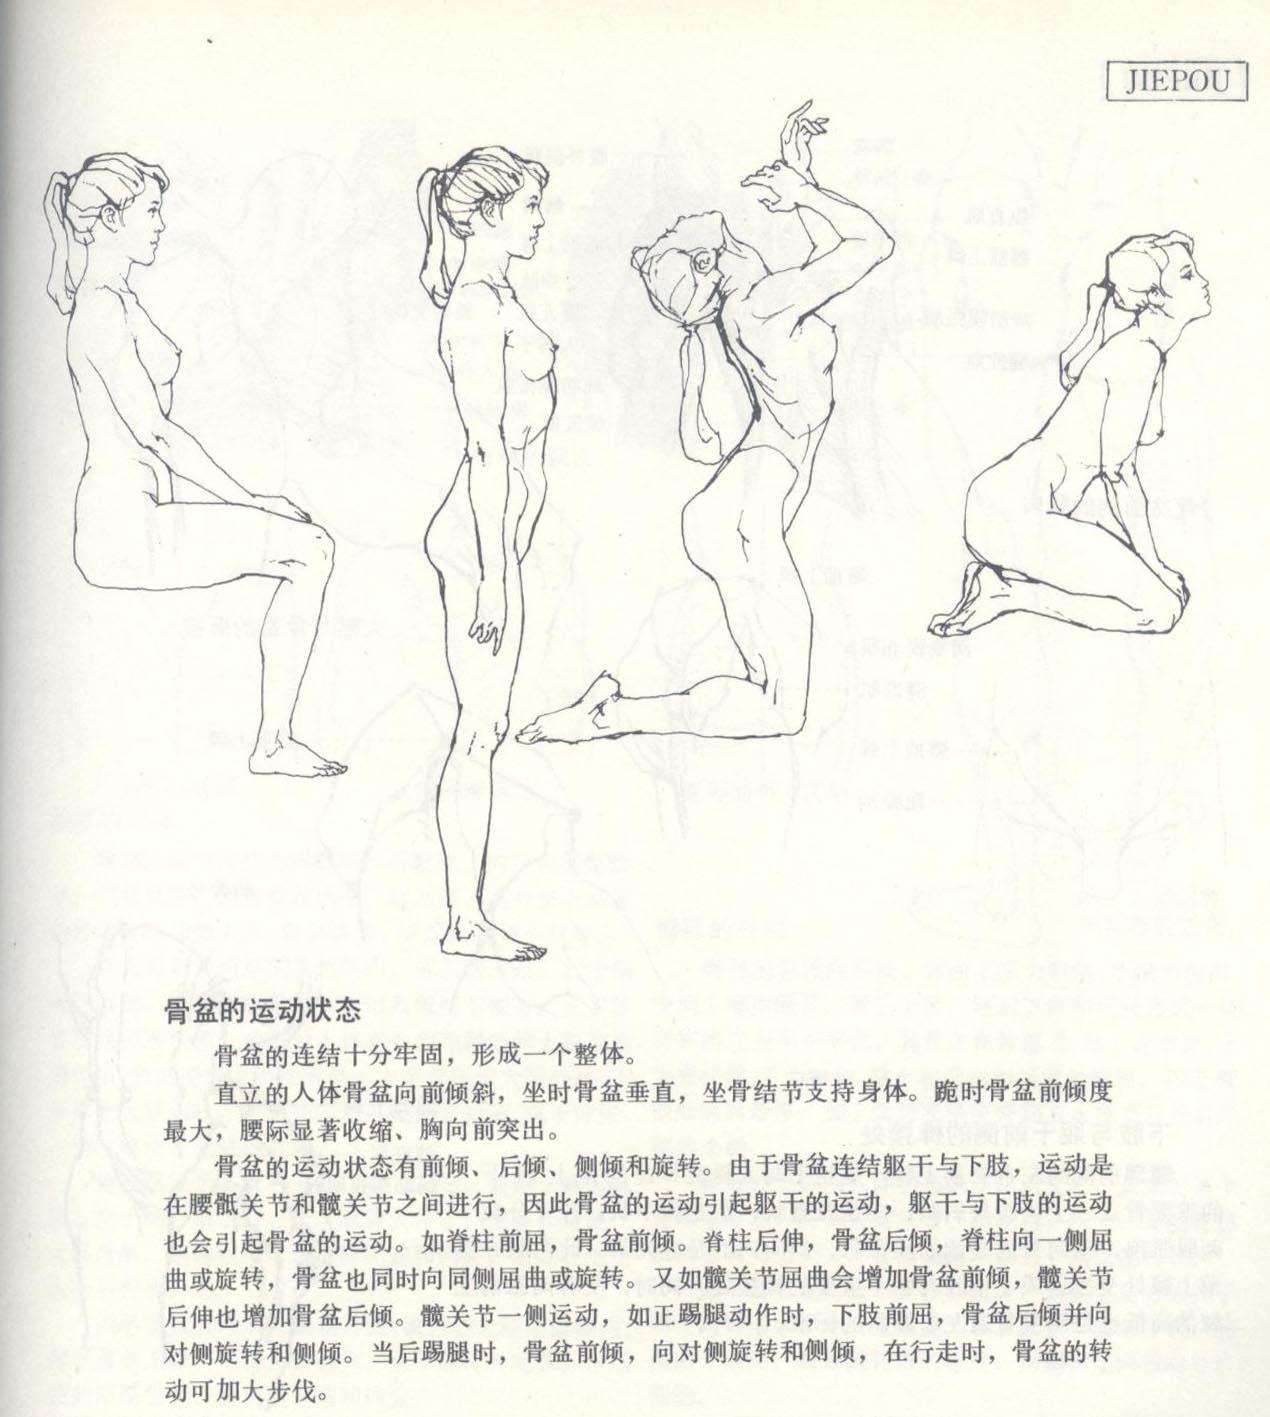 第1章:速写普及课  第3节:人体结构的基本框架比例及动态认识  【选修作业】